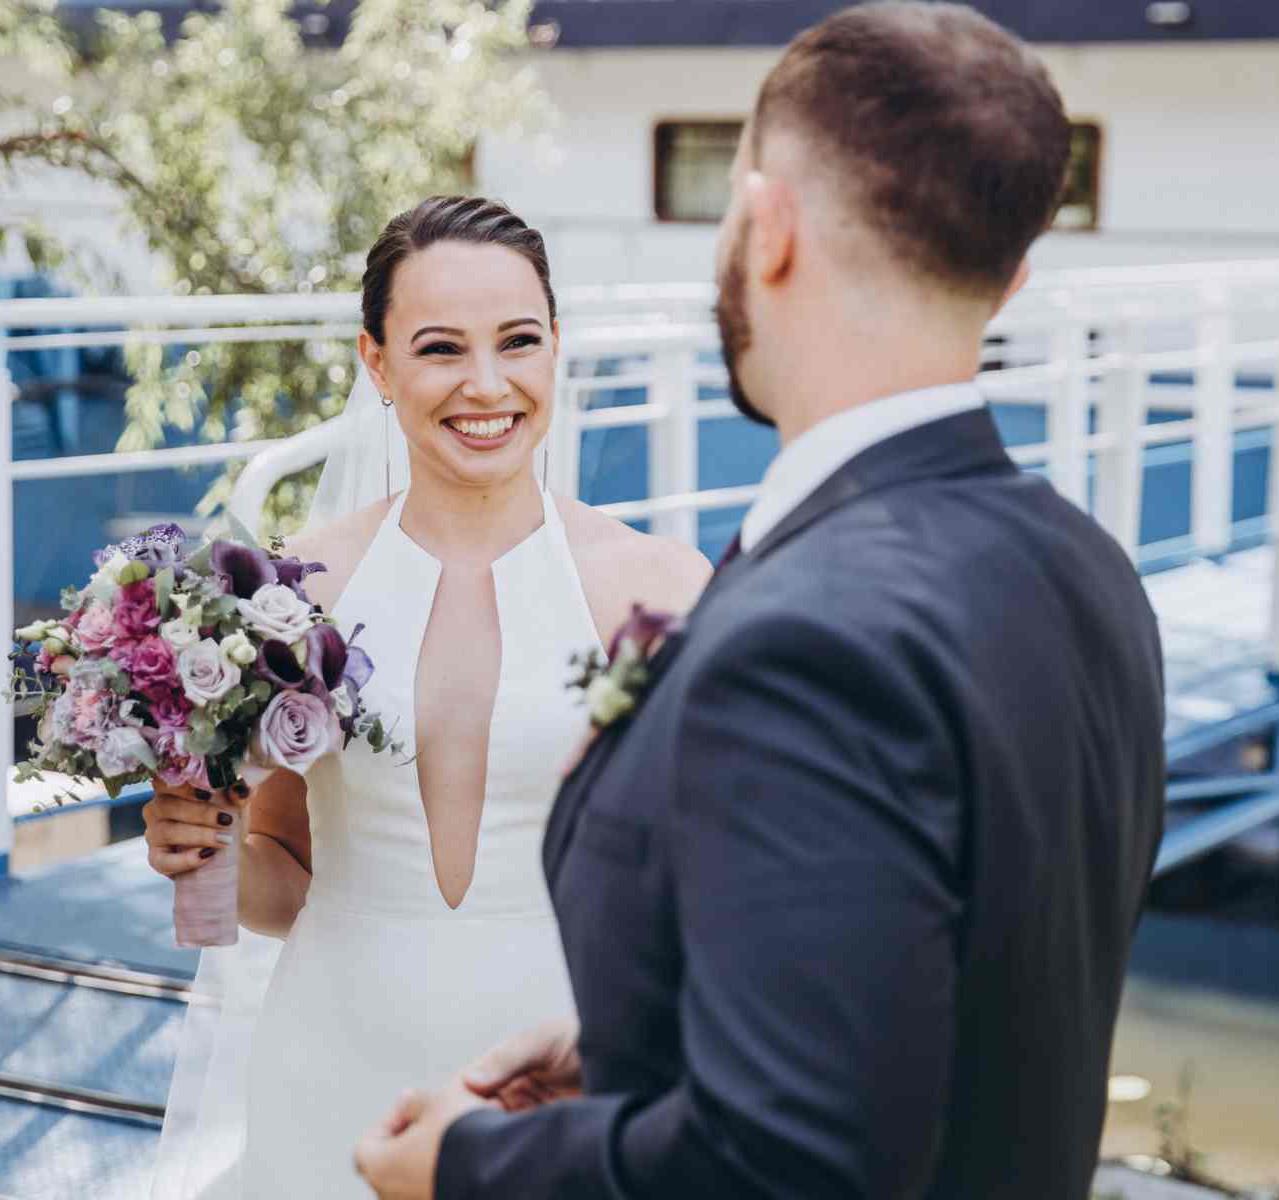 трогательная первая встреча свадьба